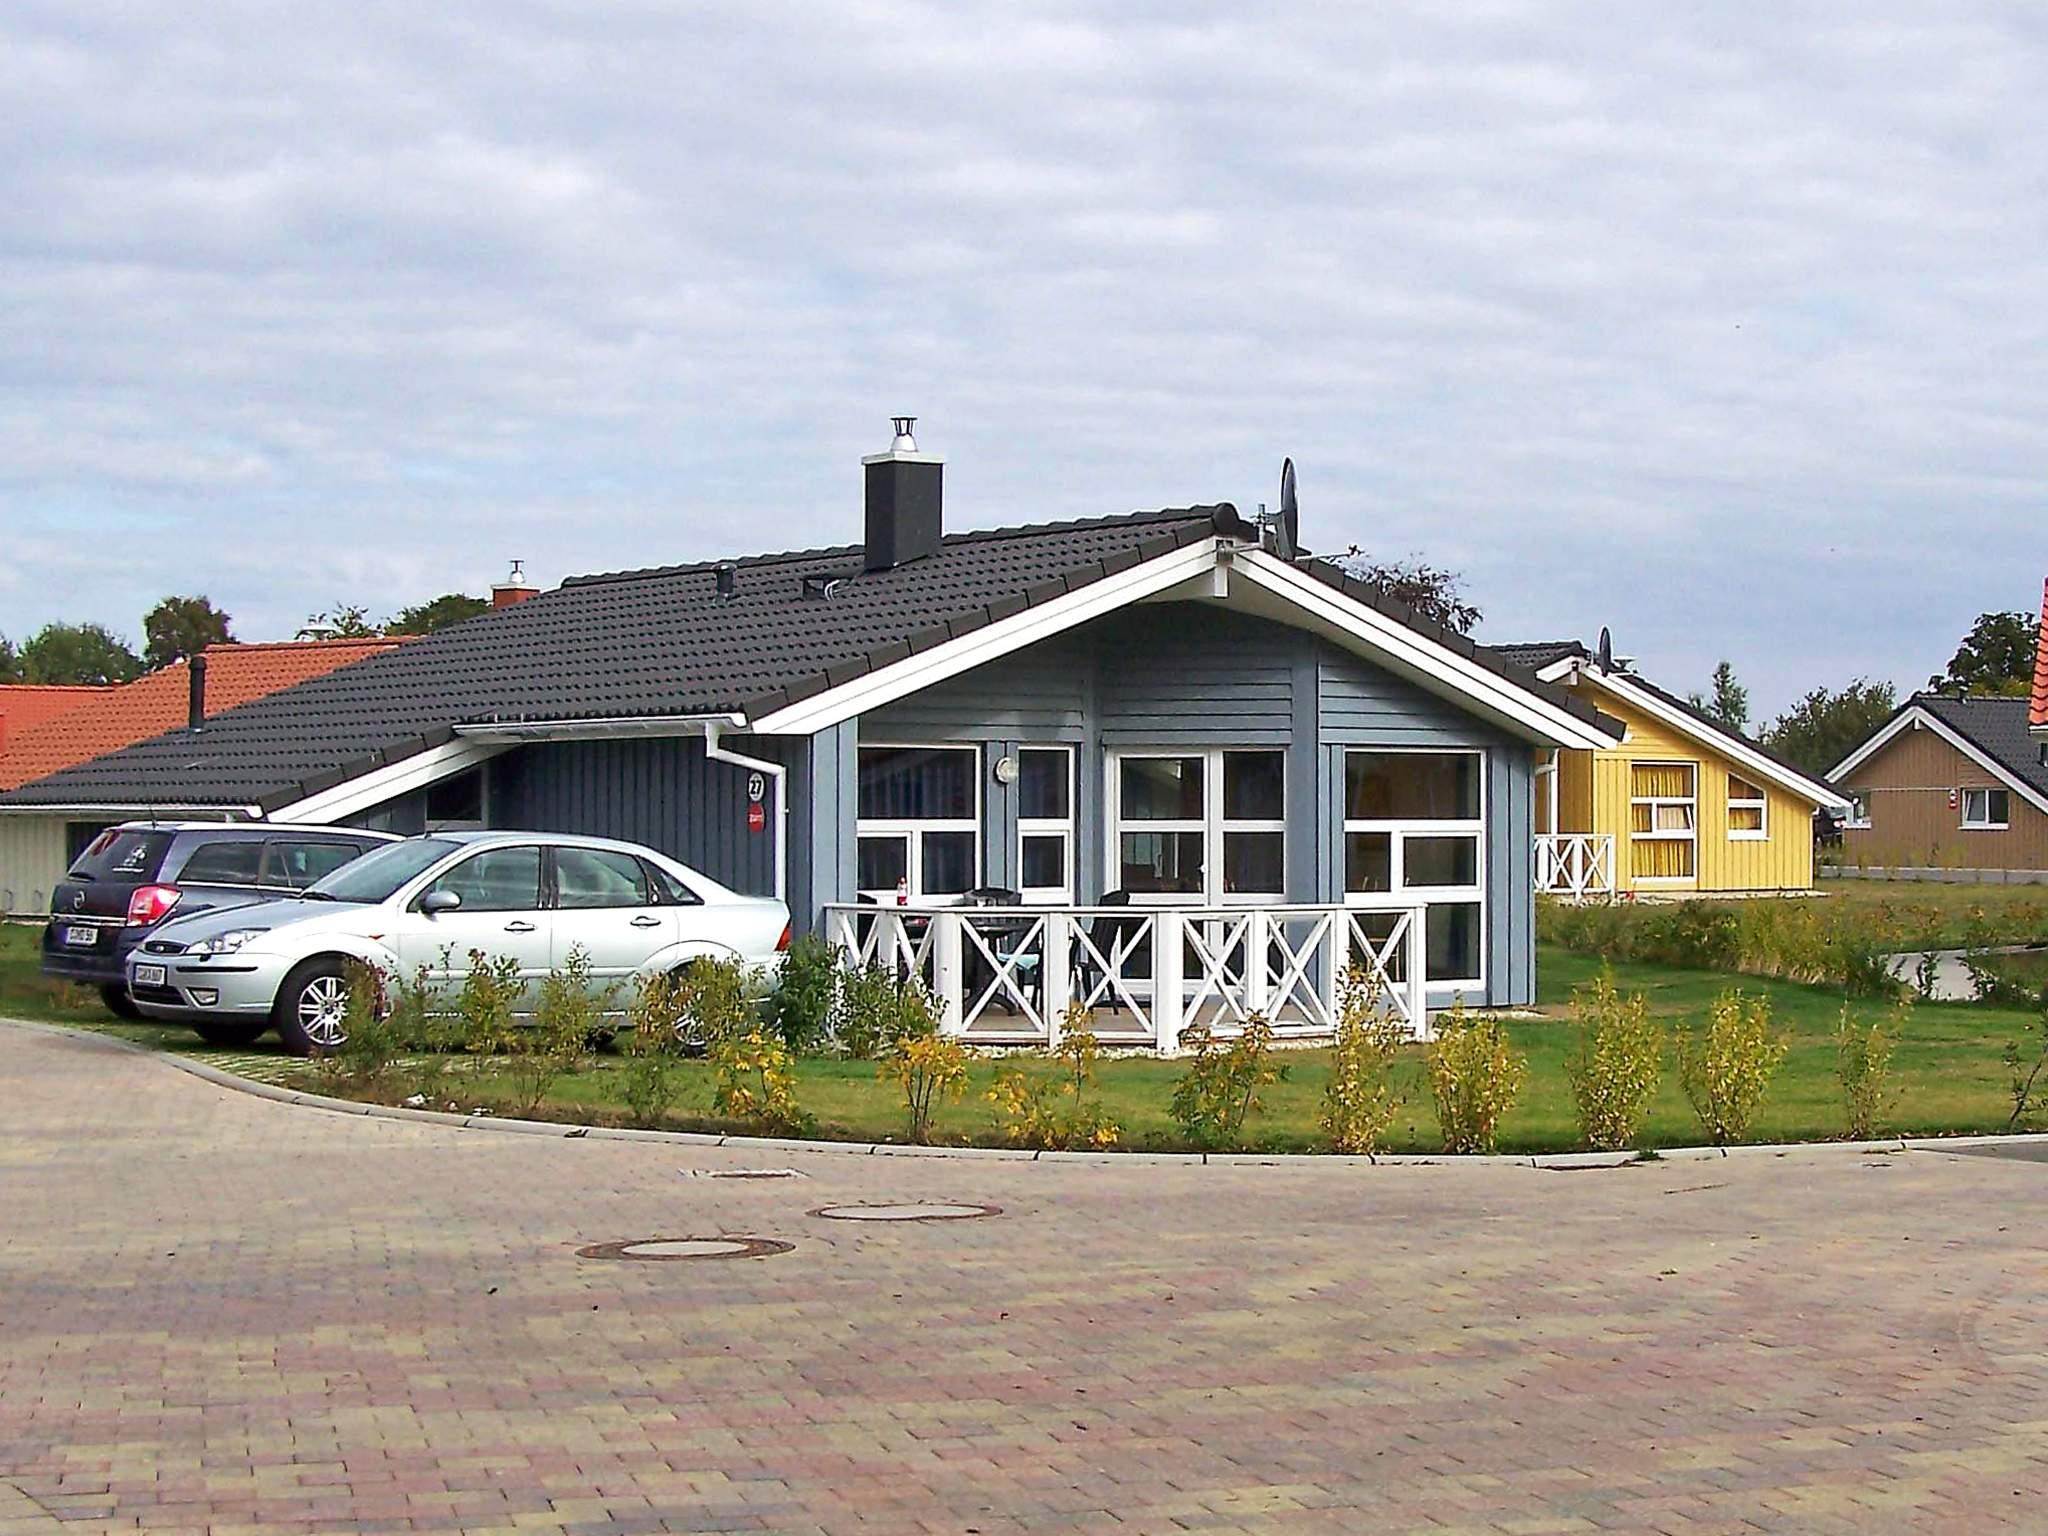 Maison de vacances Grömitz (259539), Grömitz, Baie de Lübeck, Schleswig-Holstein, Allemagne, image 11